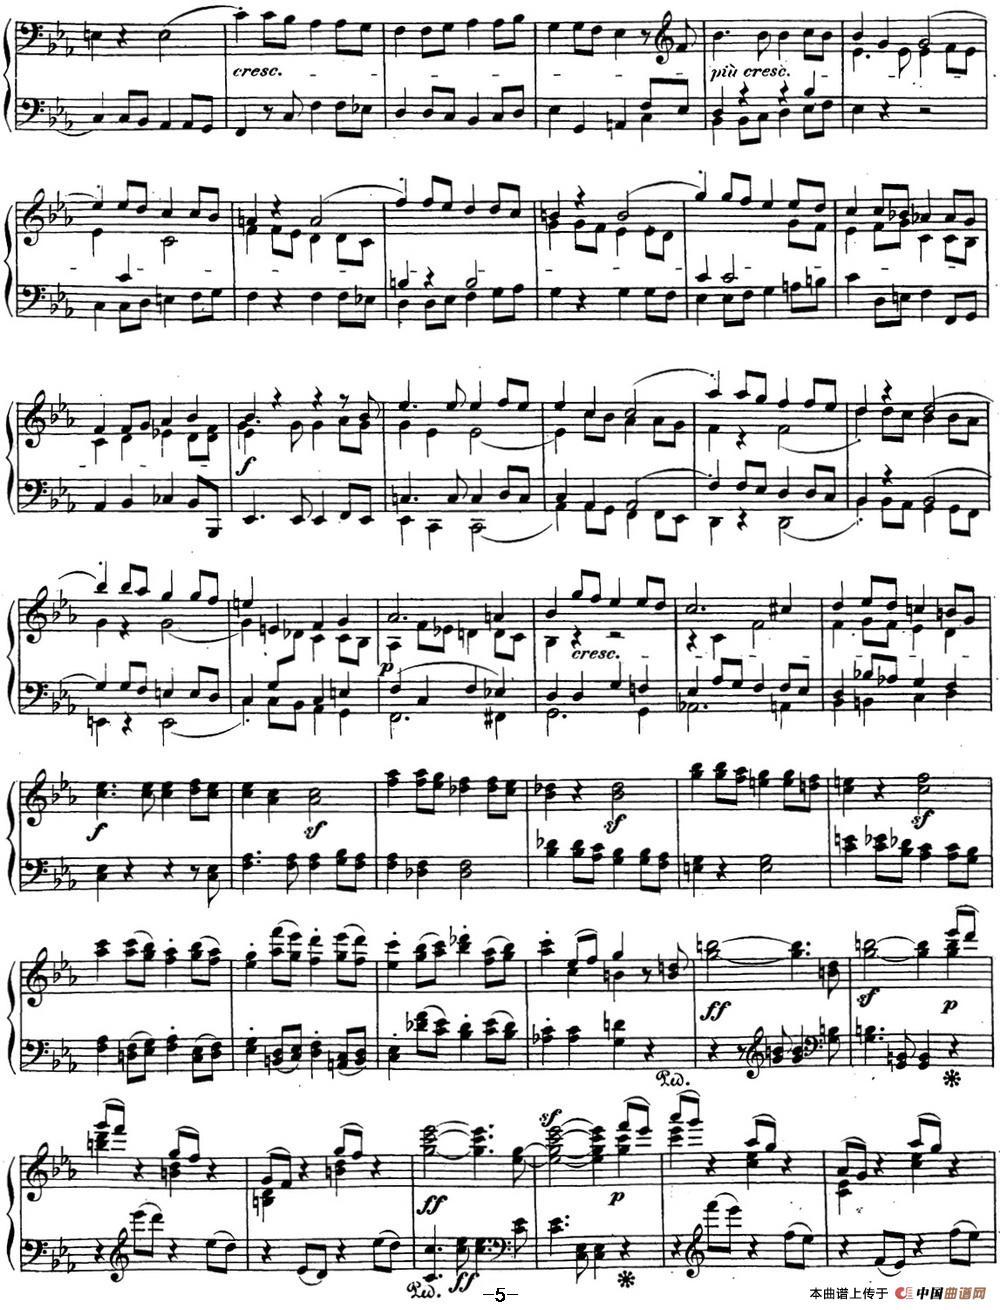 贝多芬钢琴奏鸣曲29 钢琴(锥子键琴)降B大调 Op.106 B-flat major(1)_原文件名:29 钢琴(锥子键琴)降B大调 Op106 B-flat major_页面_07.jpg